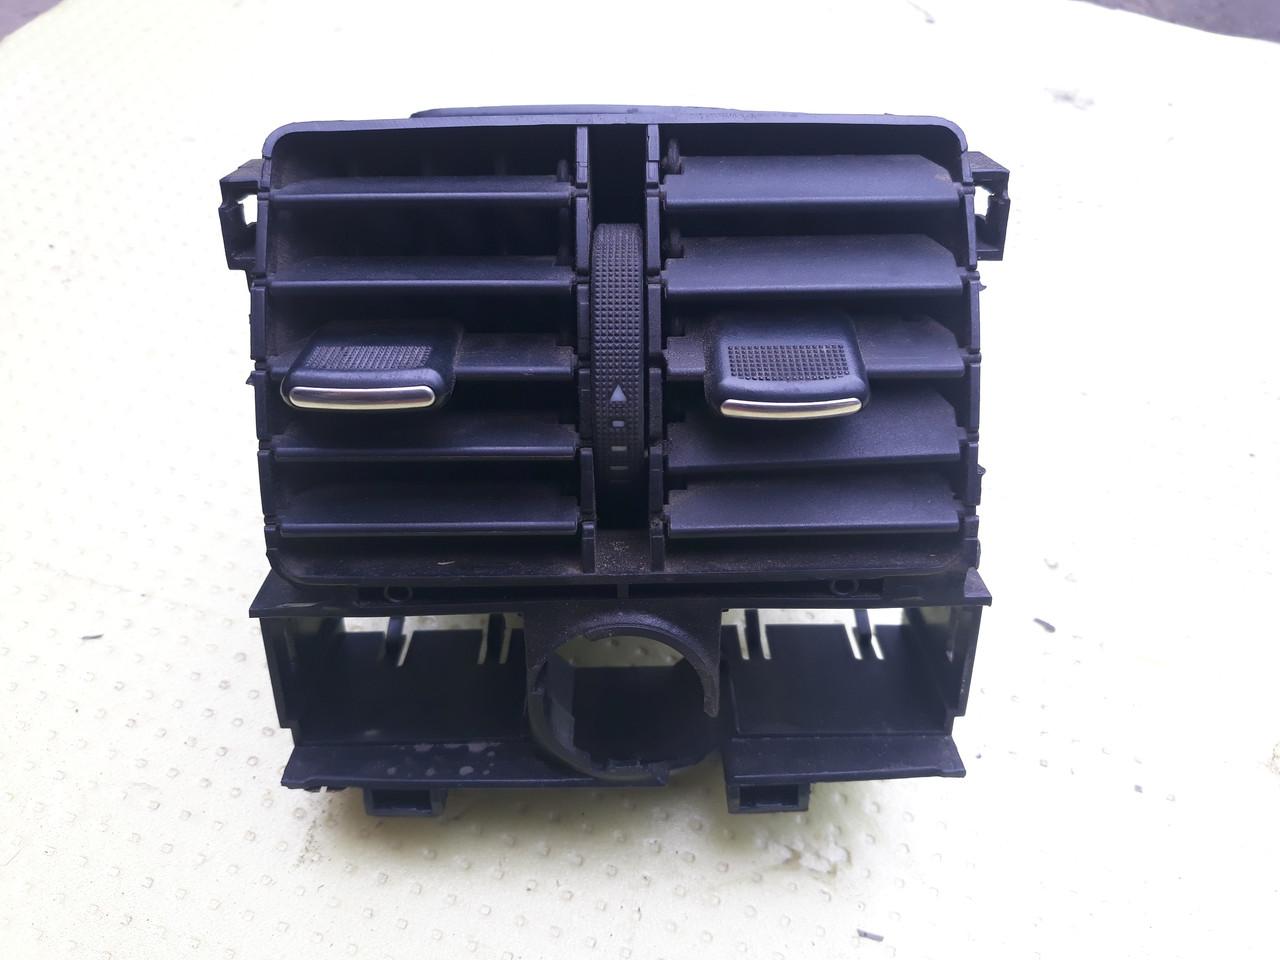 Дефлектор воздушный воздуховод задний ауди а6 с5 audi a6 c5 4B0819203 под восстановление